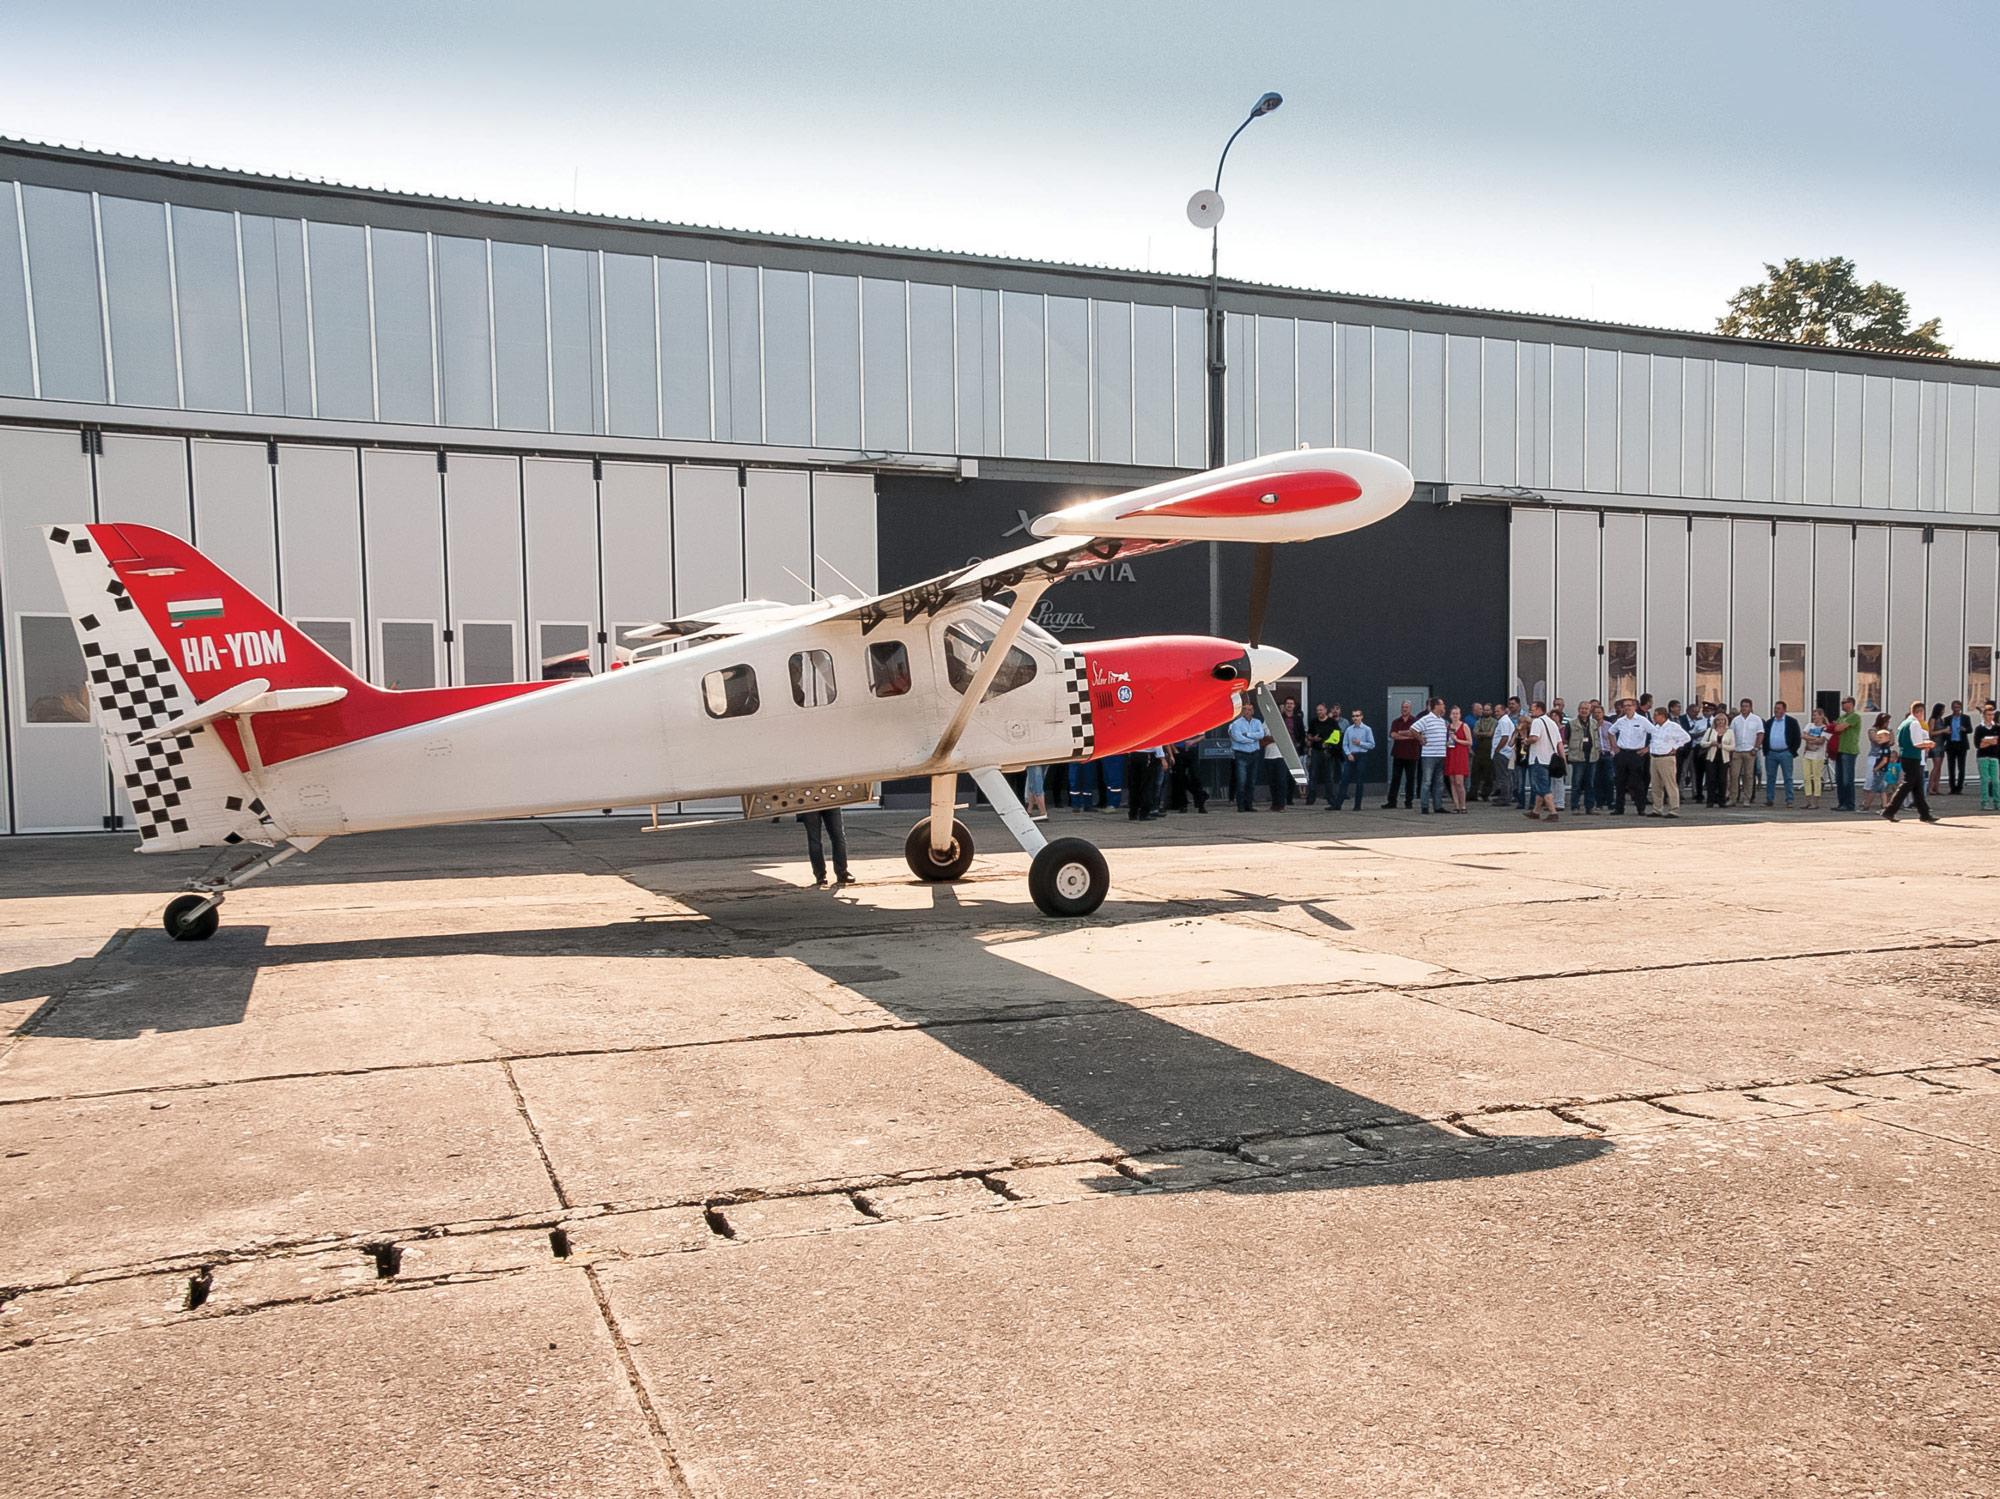 Orbis Avia SM-92T(E) Praga Alfa production facility was opened